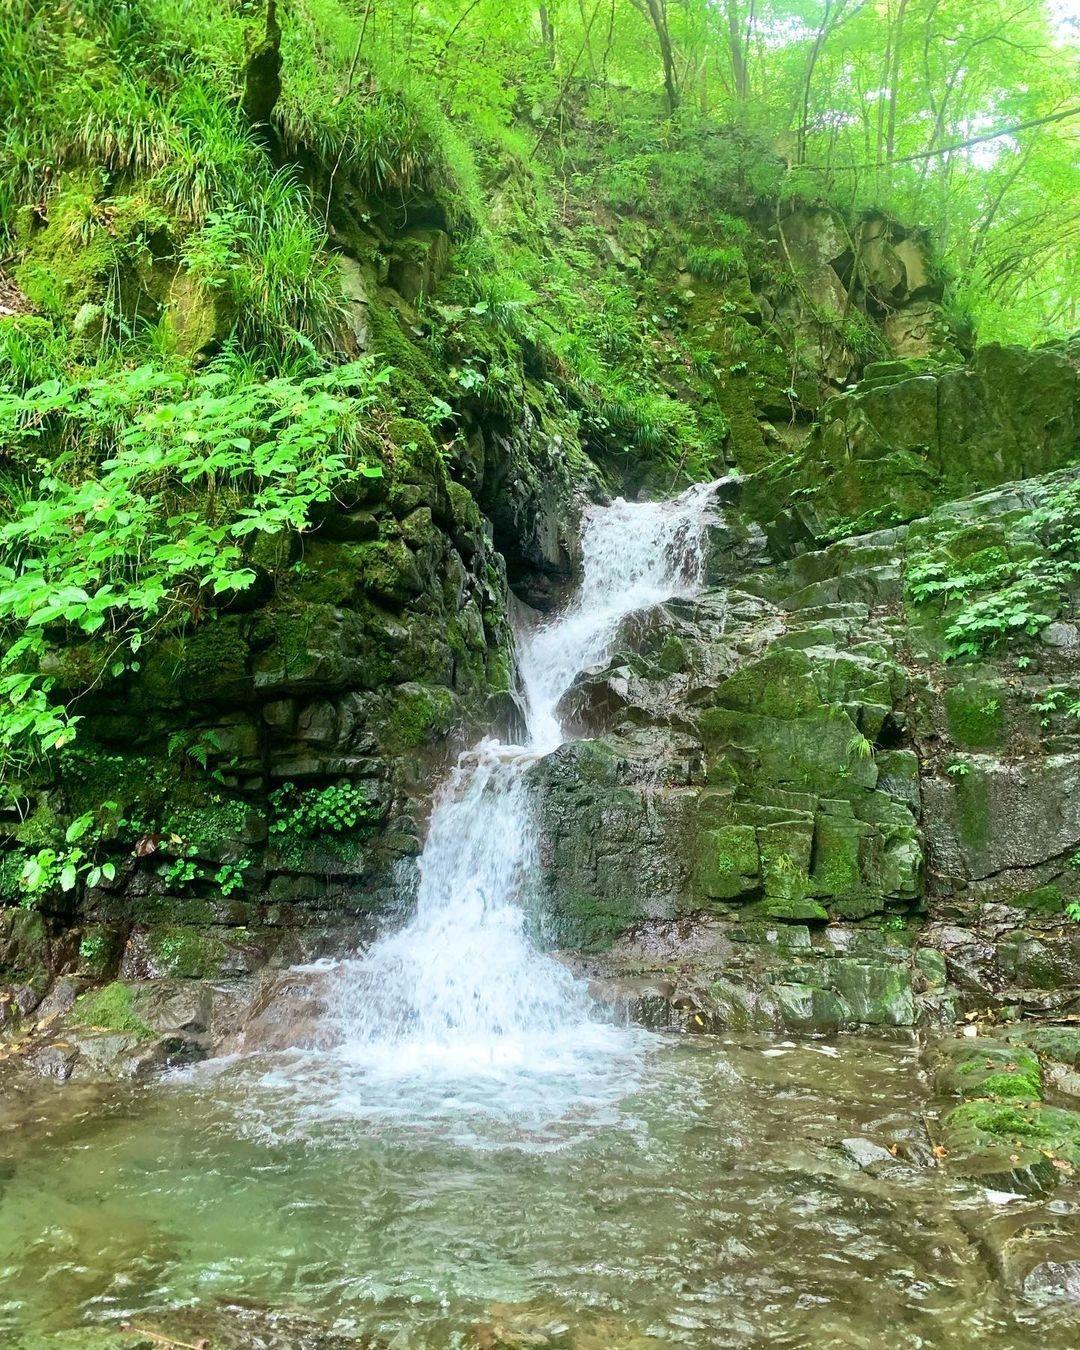 水の流れが美しい!九頭龍の滝